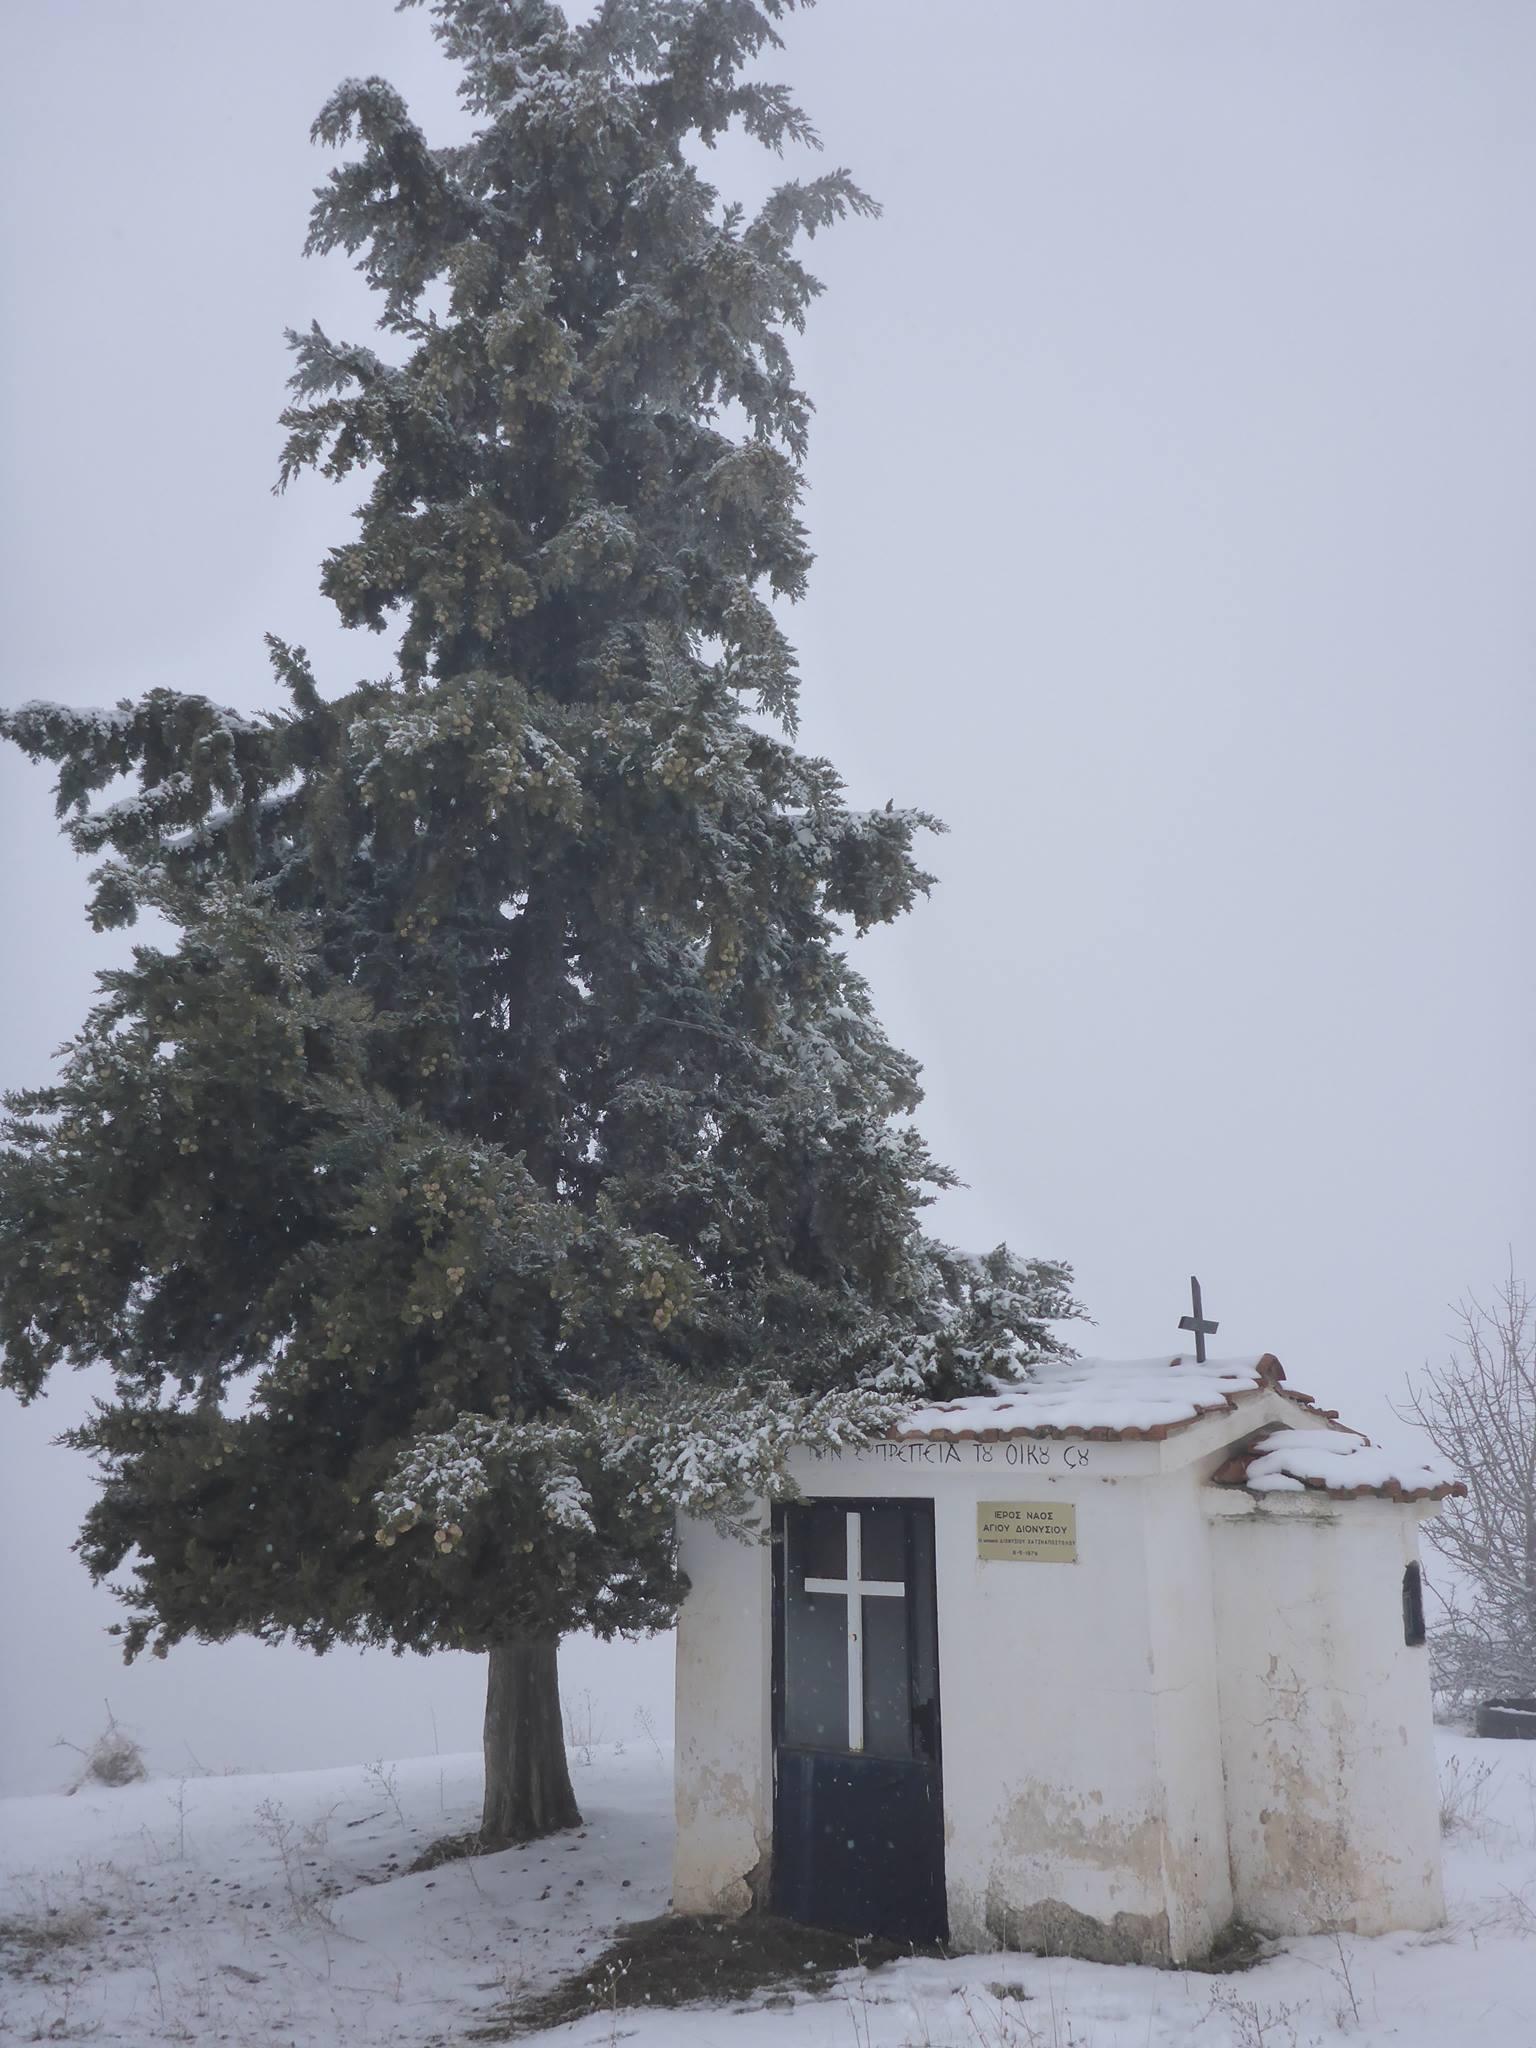 Les petites églises le long des routes sont vaiment parfaites pour passer mes pauses à l'abri du vent et de la neige